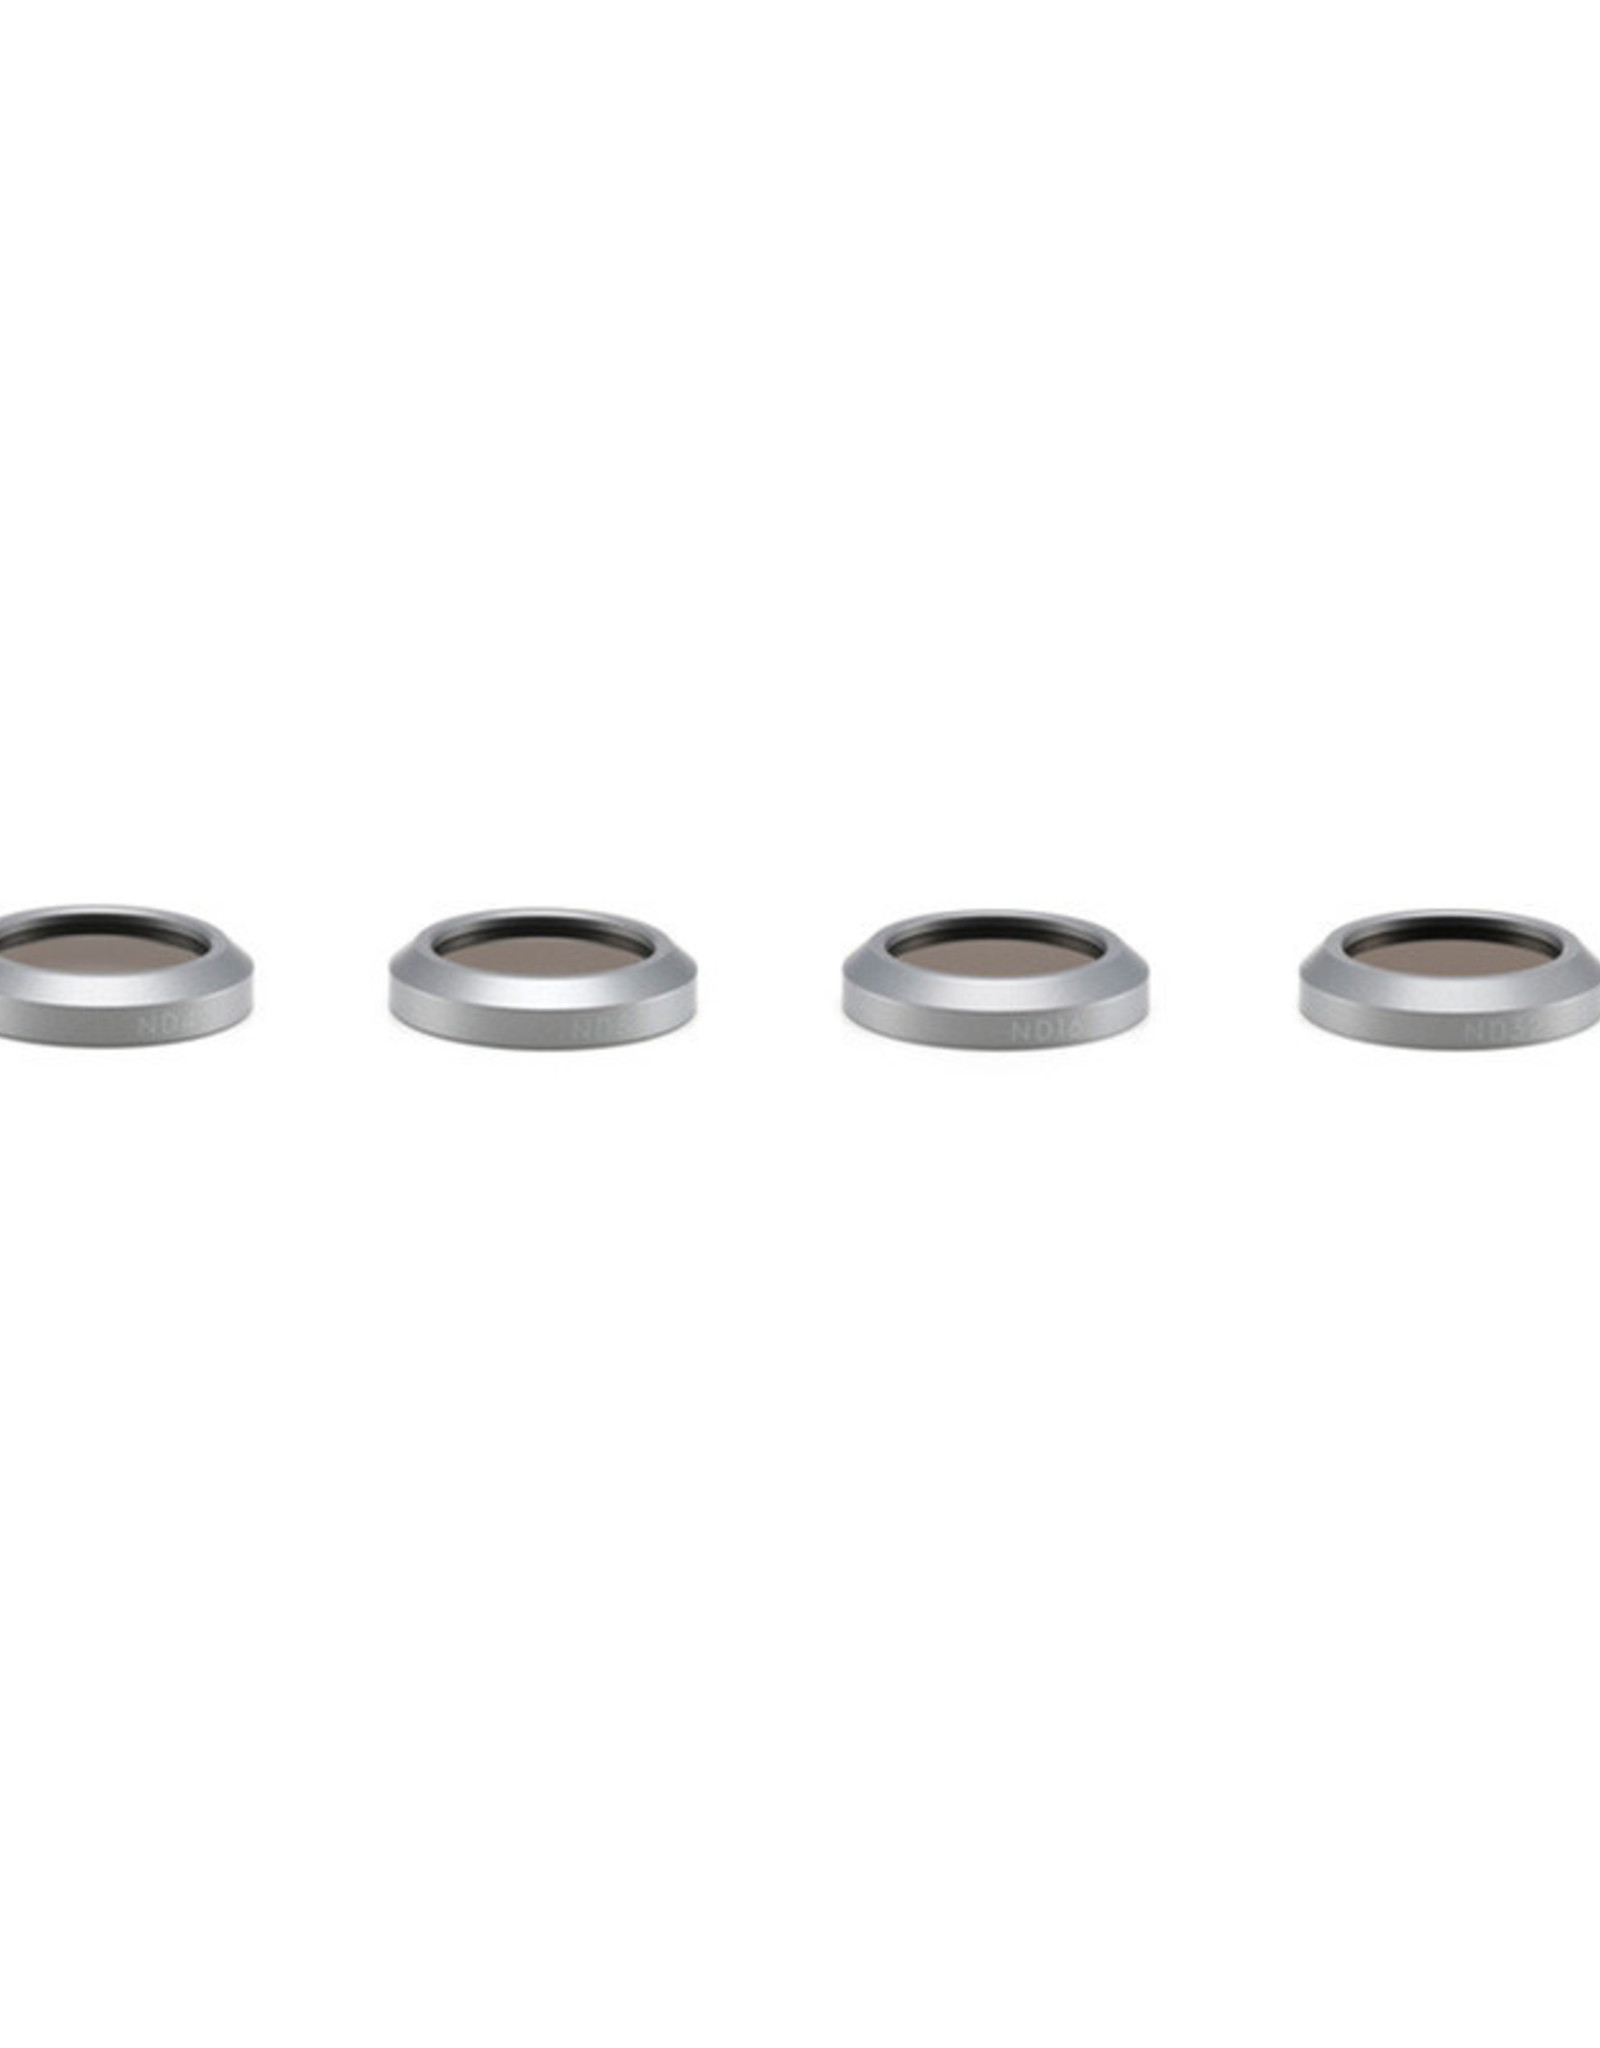 DJI Mavic 2 Zoom ND Filters Set (ND4/8/16/32)